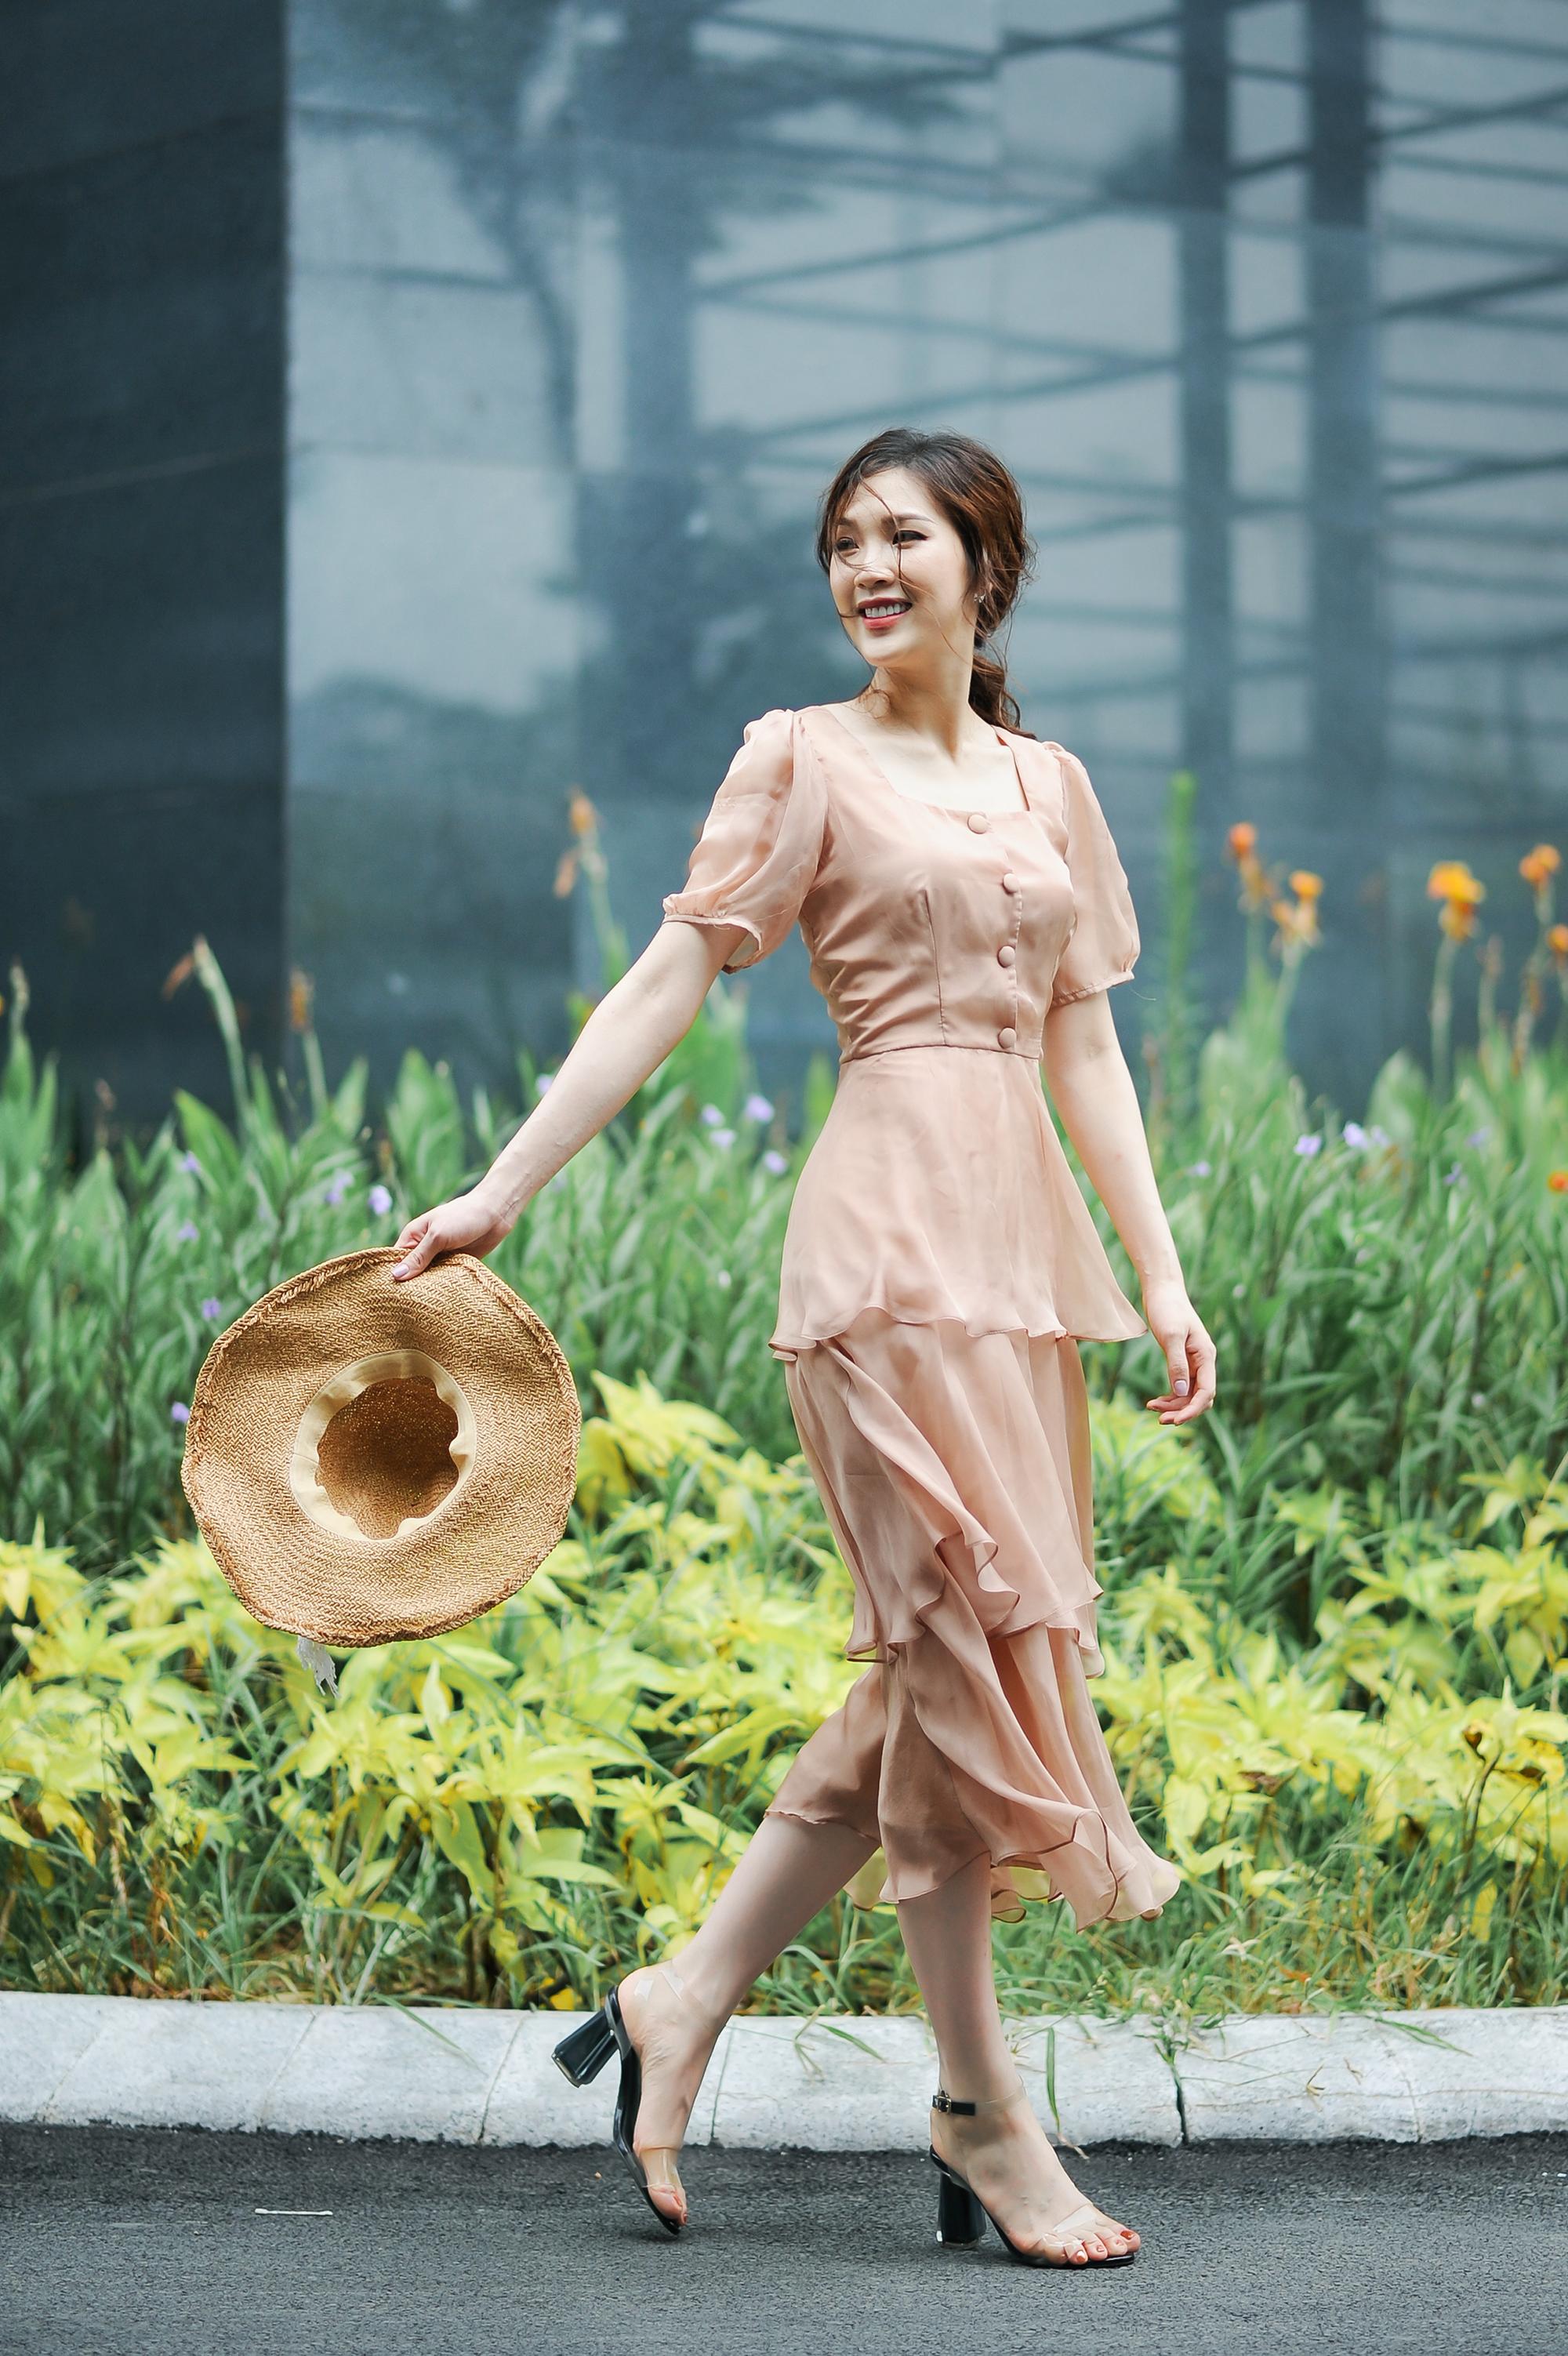 Dọa bị sảy thai, từng bị băng huyết, Hoa hậu Phí Thùy Linh vẫn ước ao sinh thêm con - Ảnh 3.